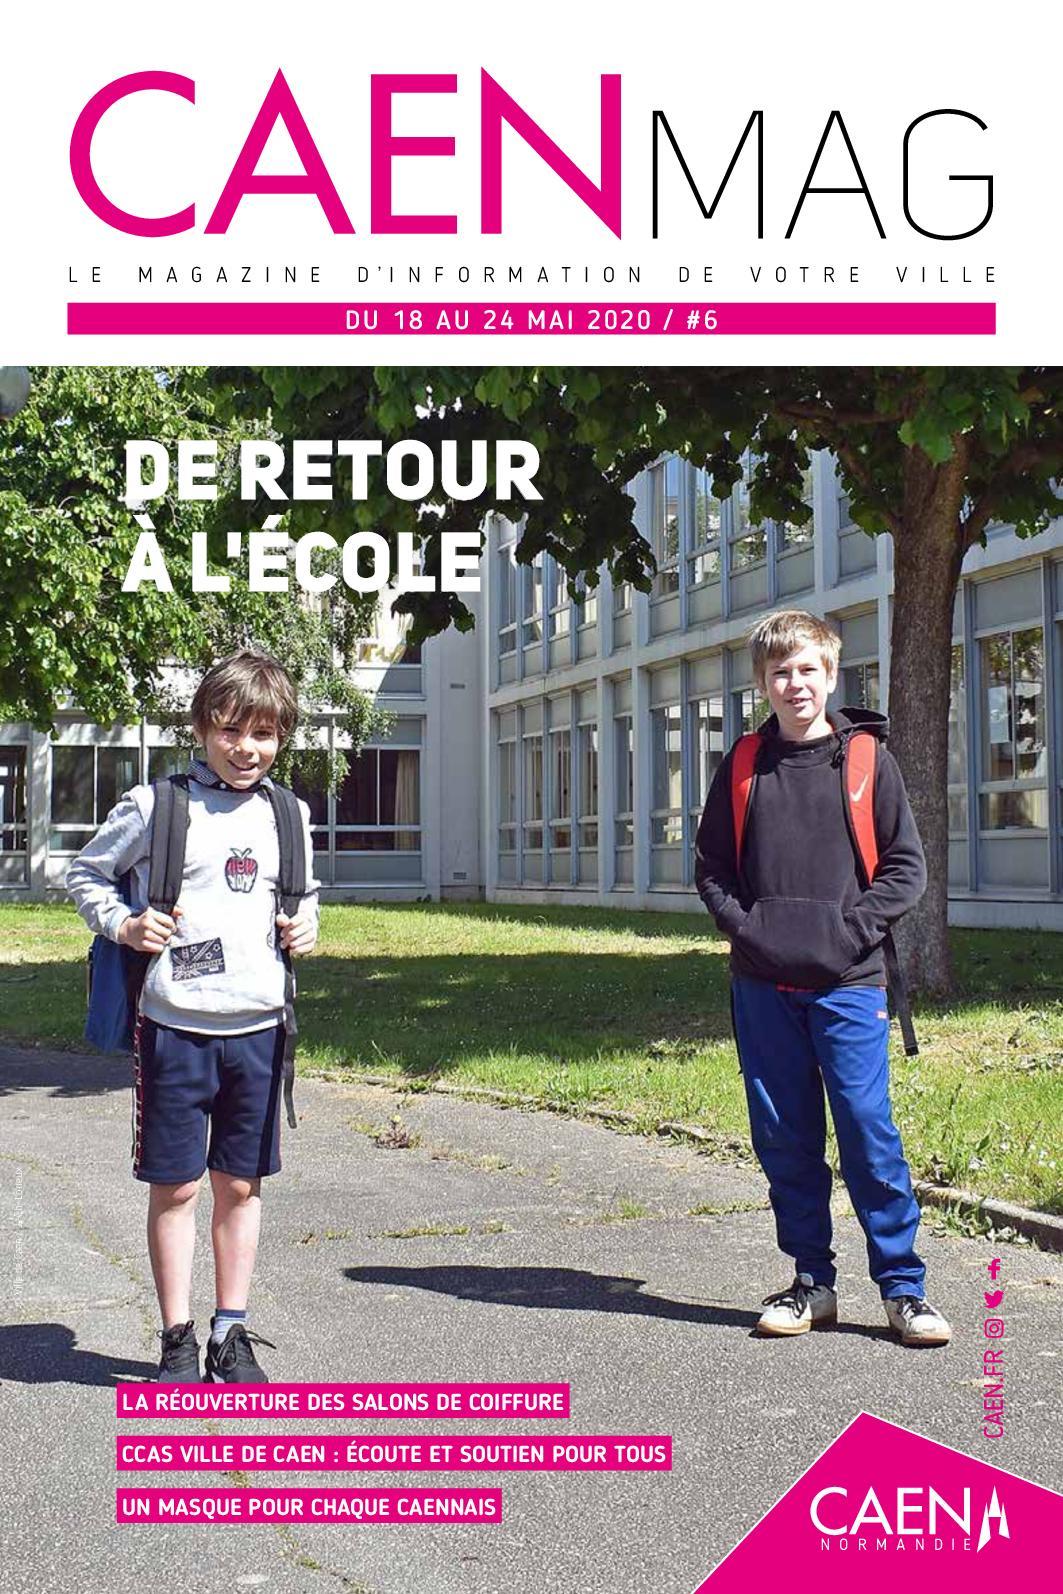 Promenade, famille d'accueil, petsitter, pension canine, visite pour votre animal à Caen